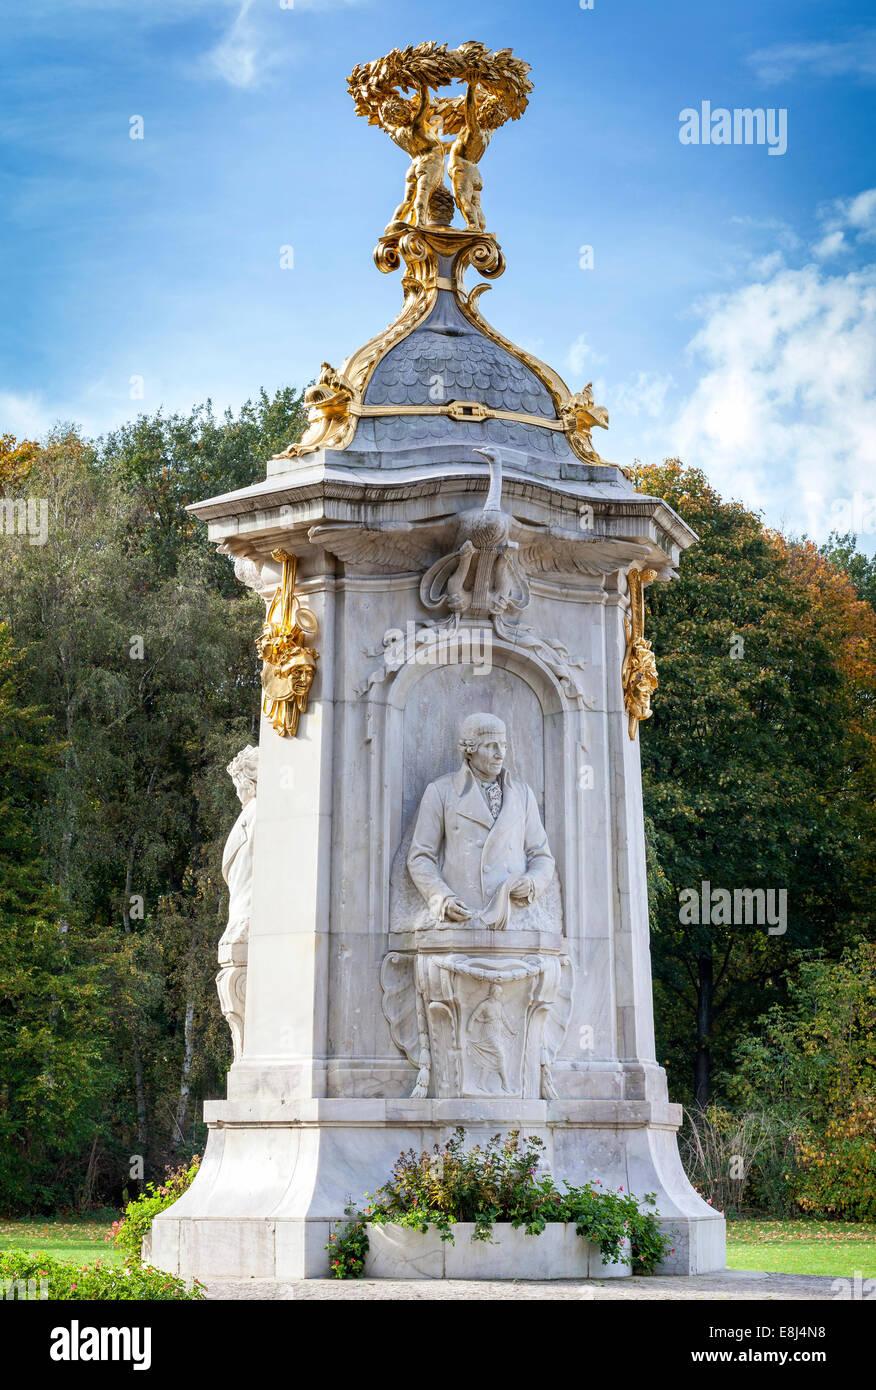 The Beethoven-Haydn-Mozart Memorial in Tiergarten Park, Berlin, Germany - Stock Image